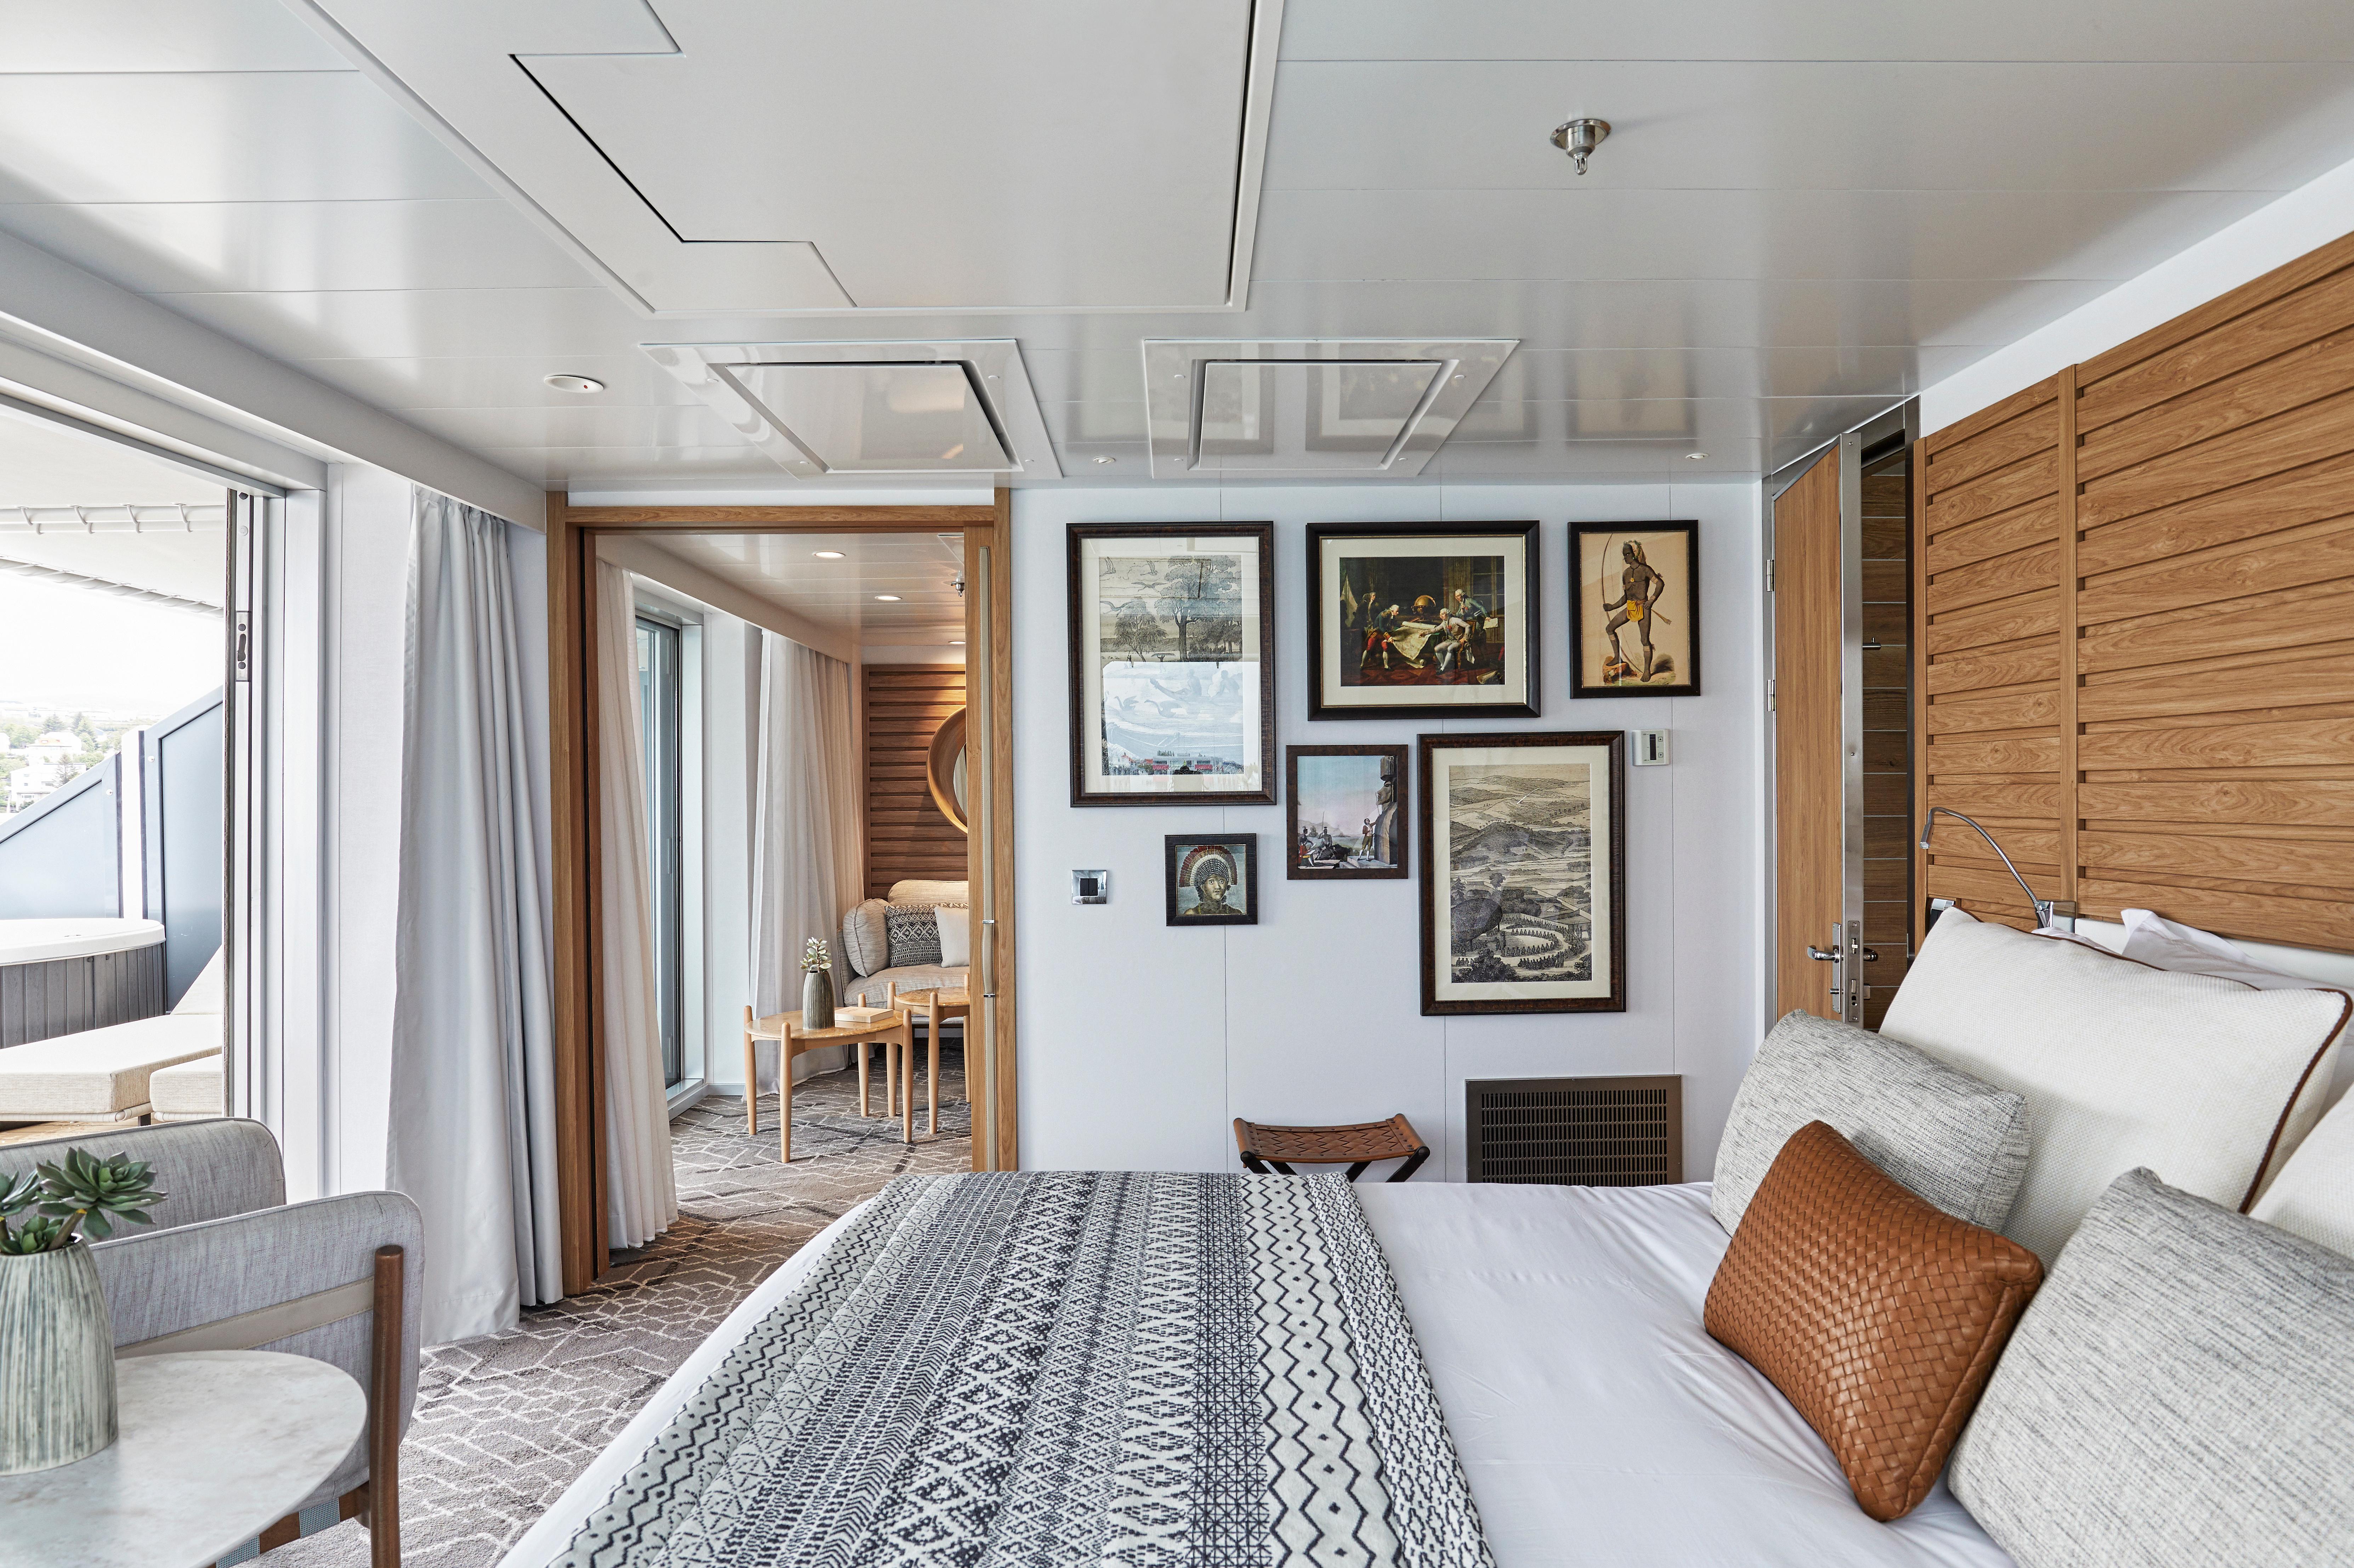 Ponant - Le Laperouse - Owner's Suite